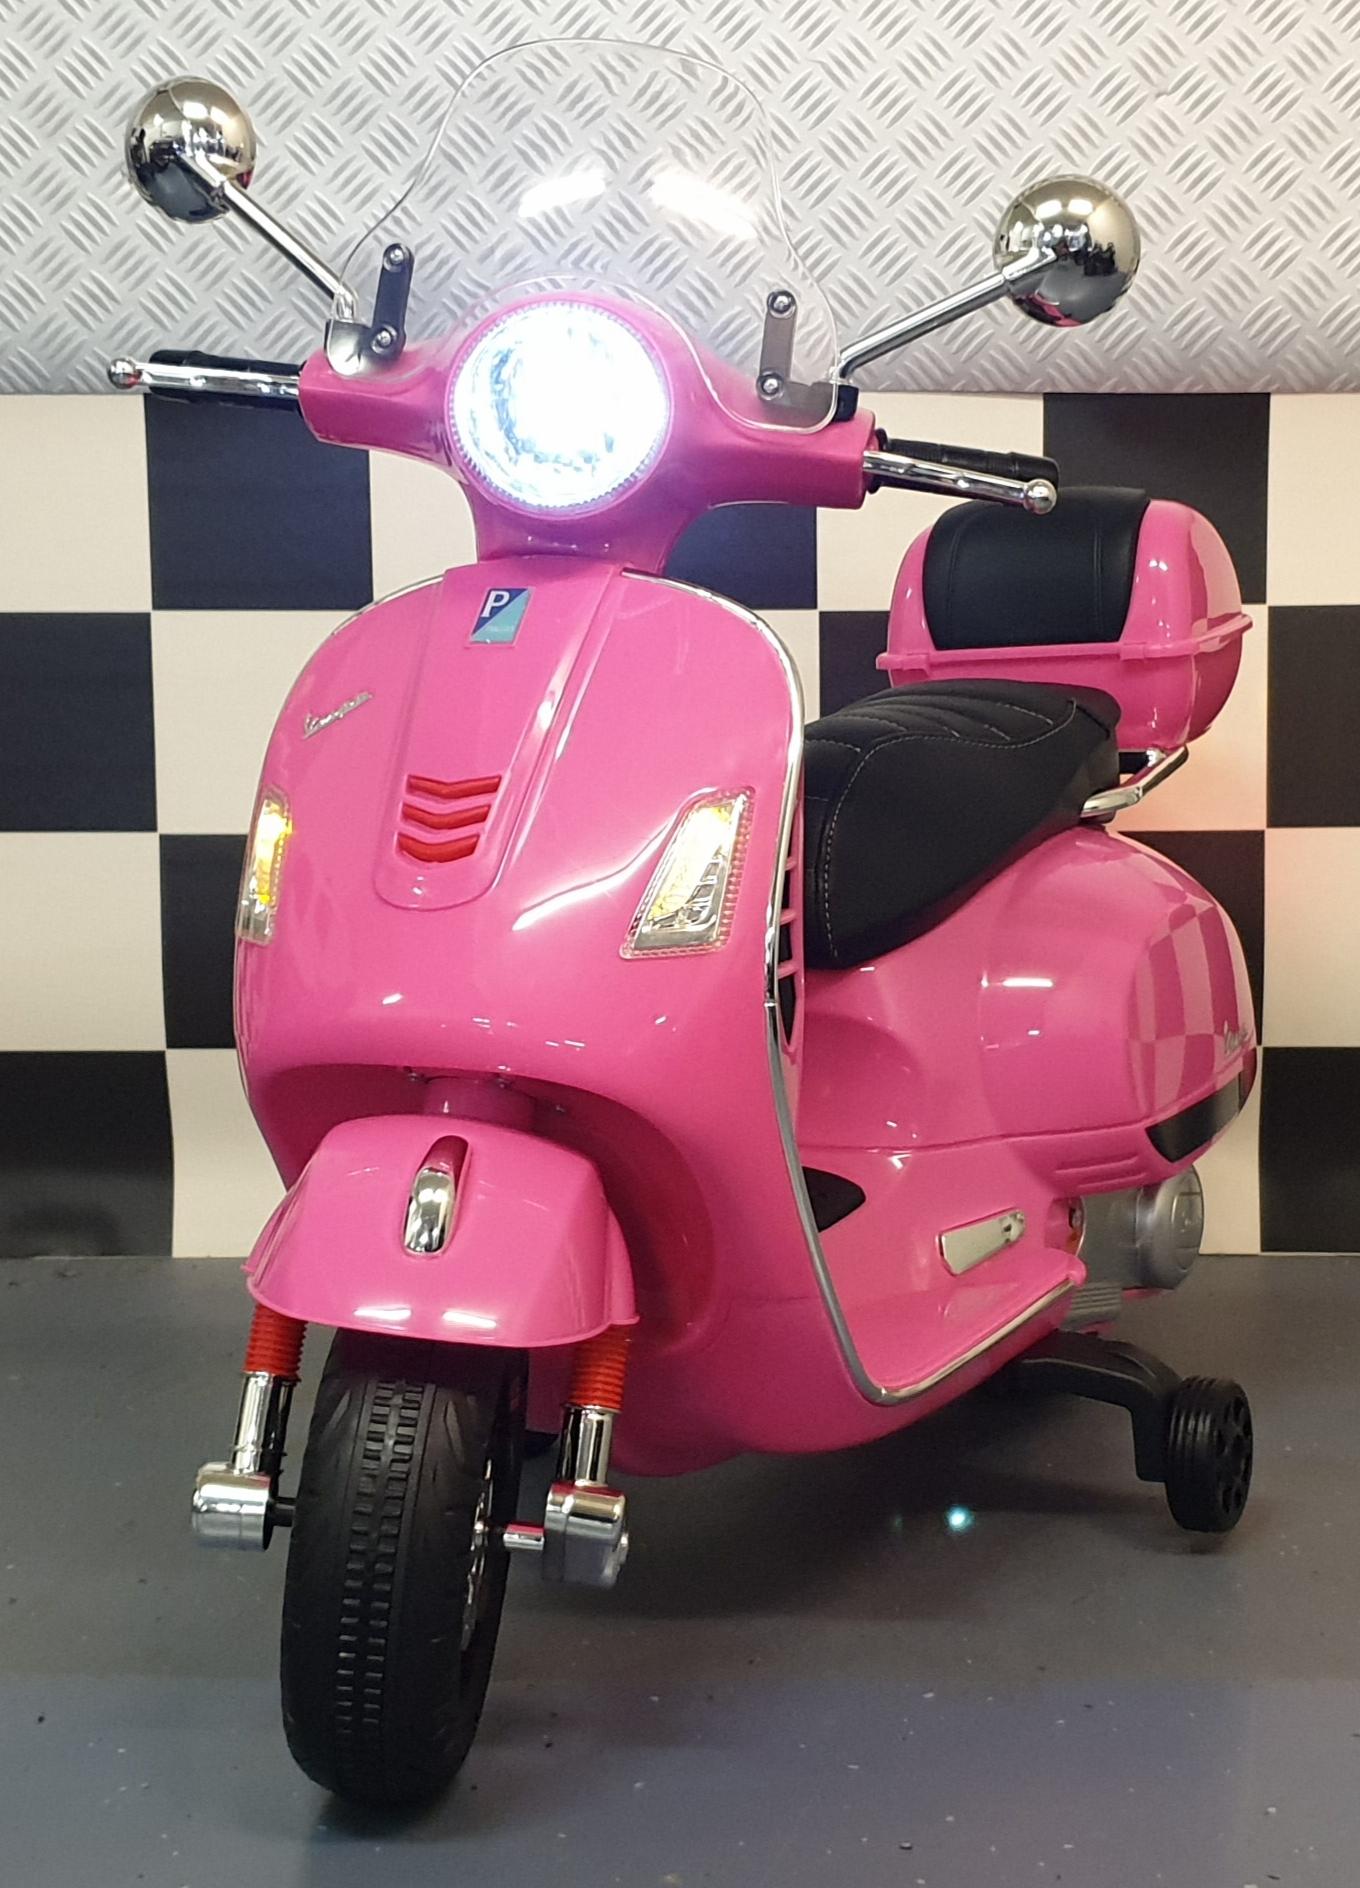 Vespa kinderscooter Roze 12 volt met windscherm